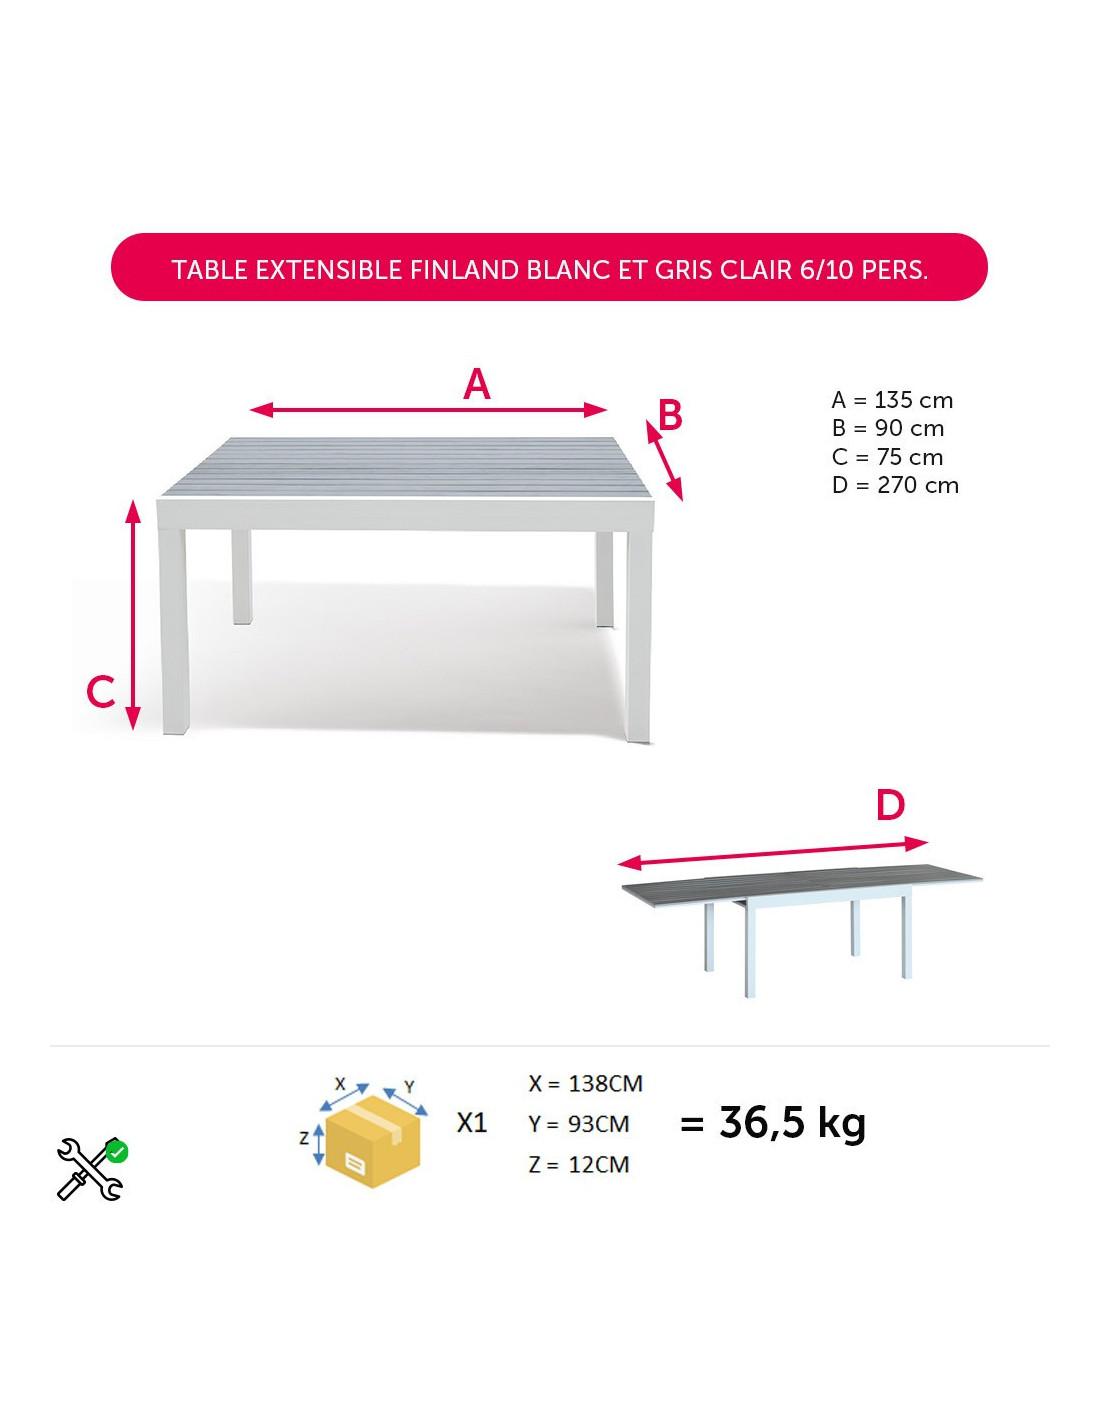 Table Extensible Finland Blanc Et Gris Clair 6/10 Personnes